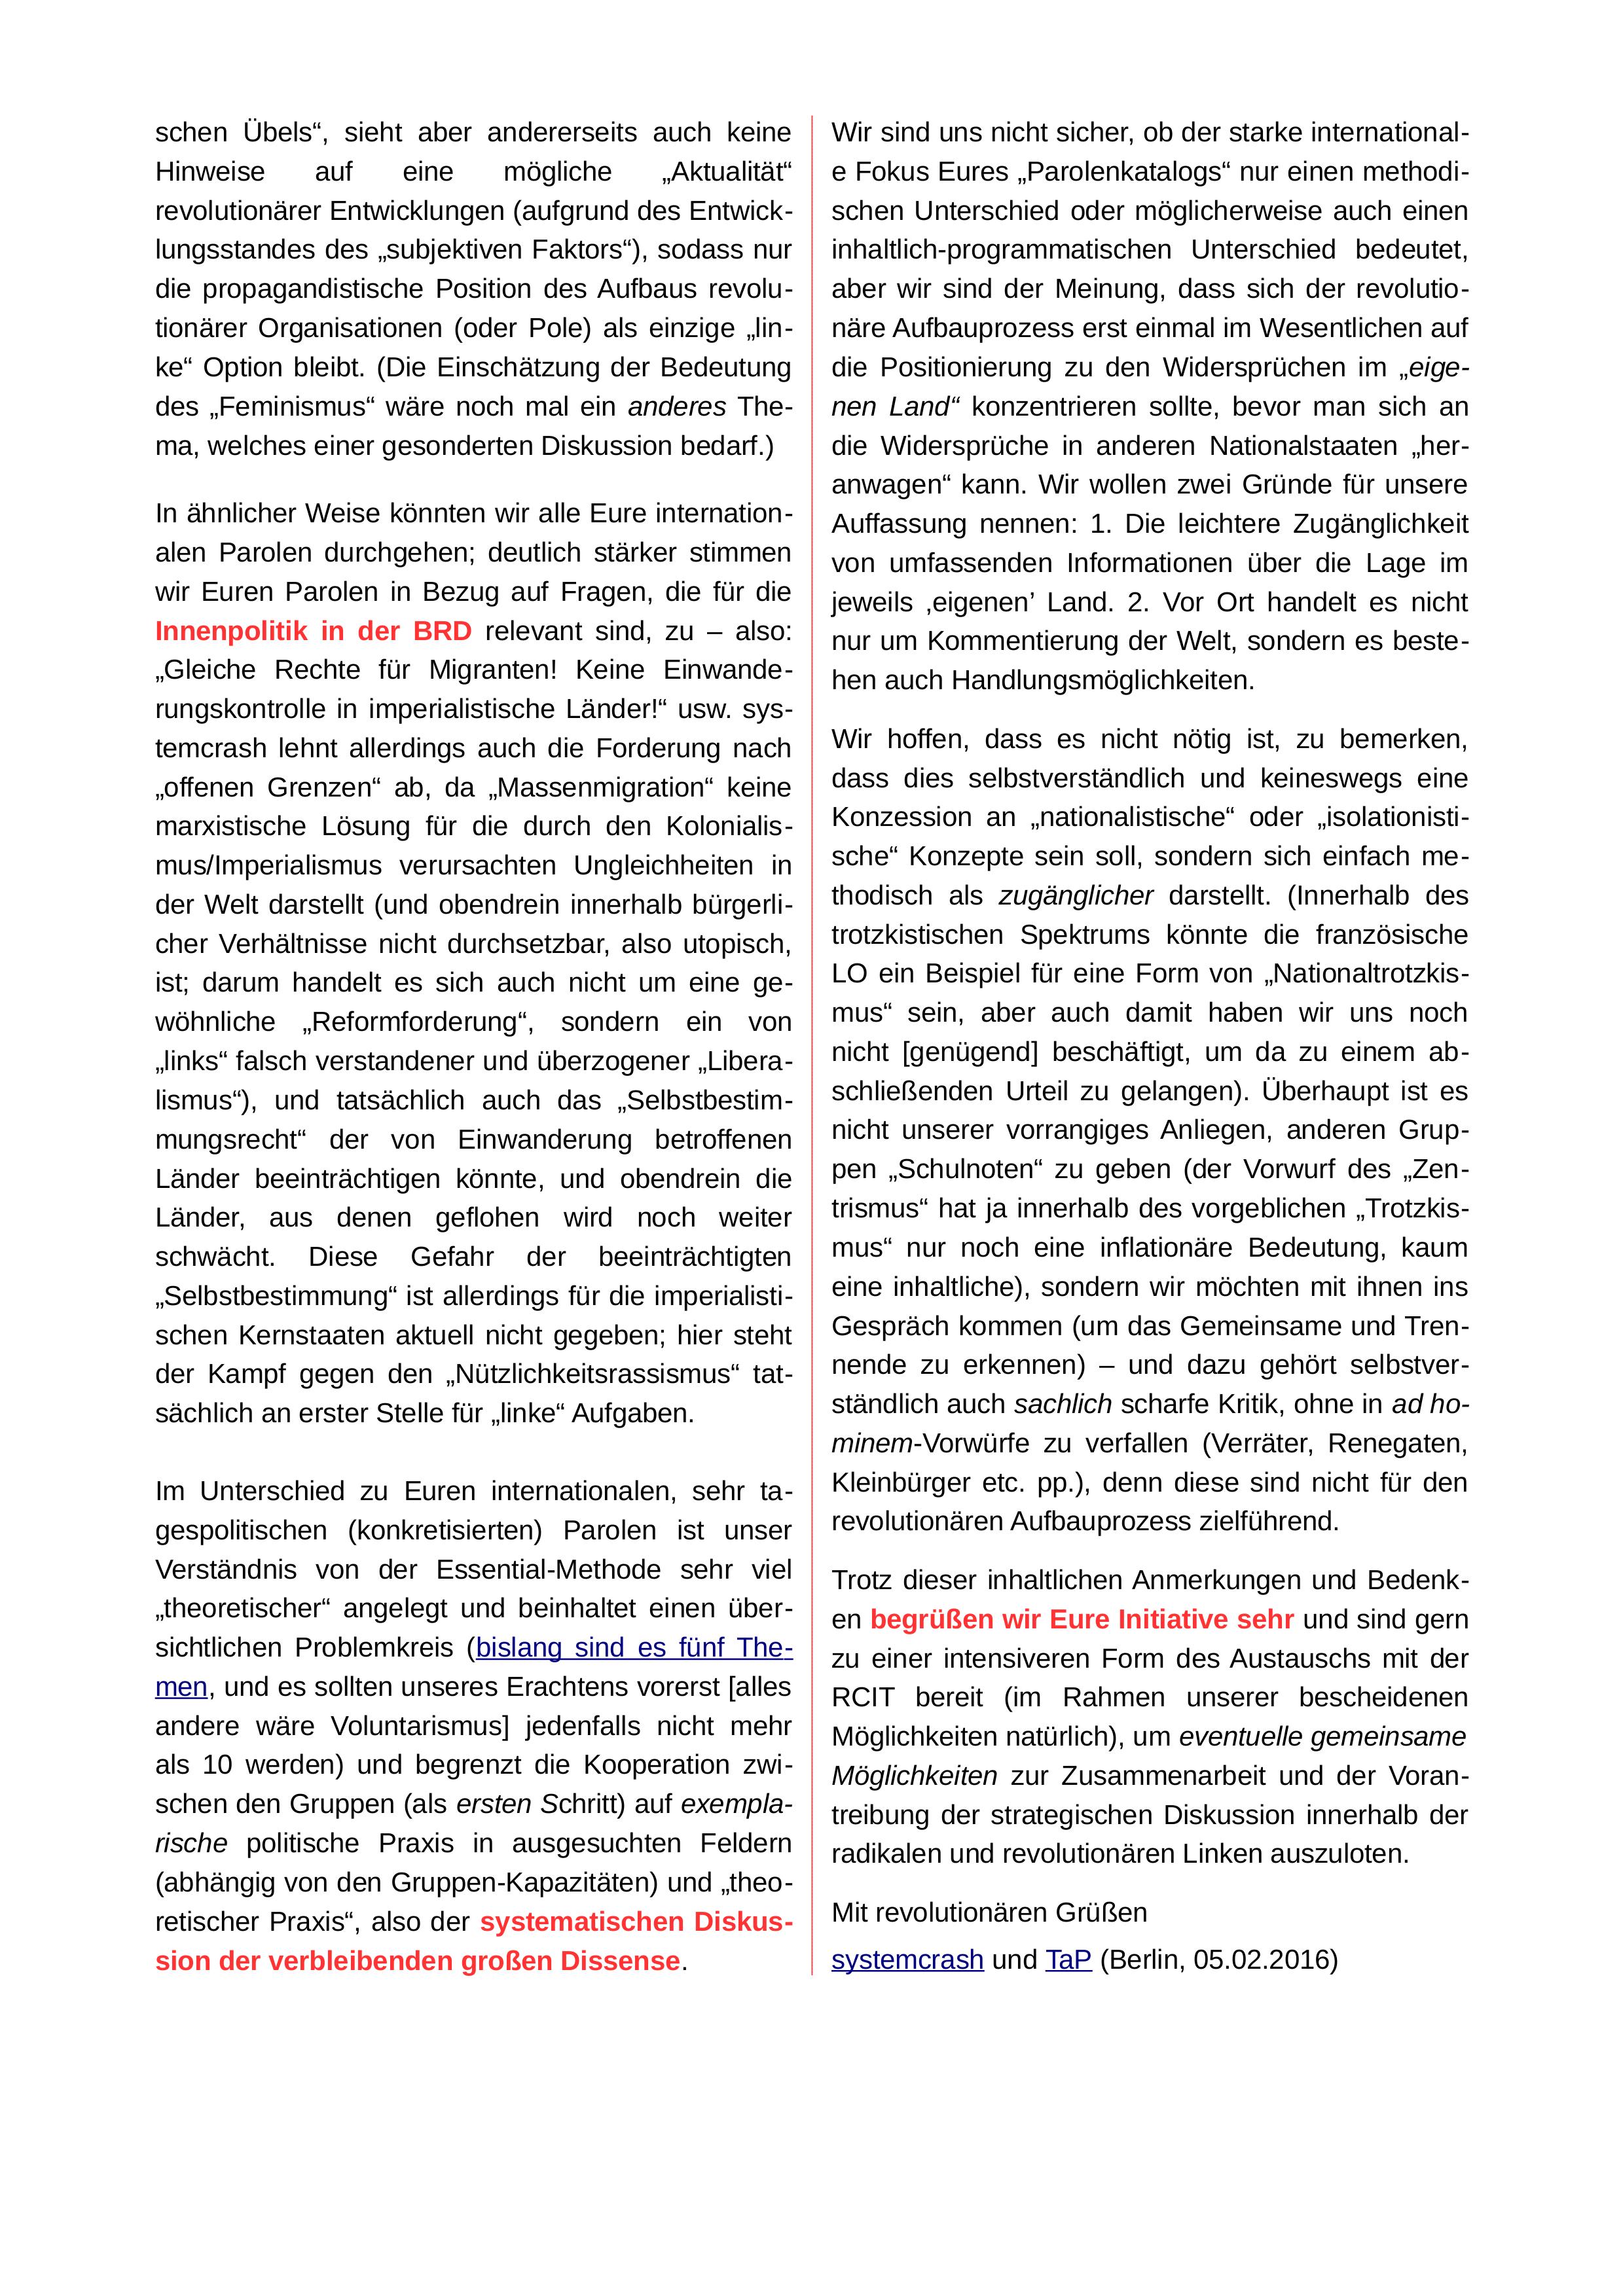 S. 2 des Textes von systemcrash und TaP